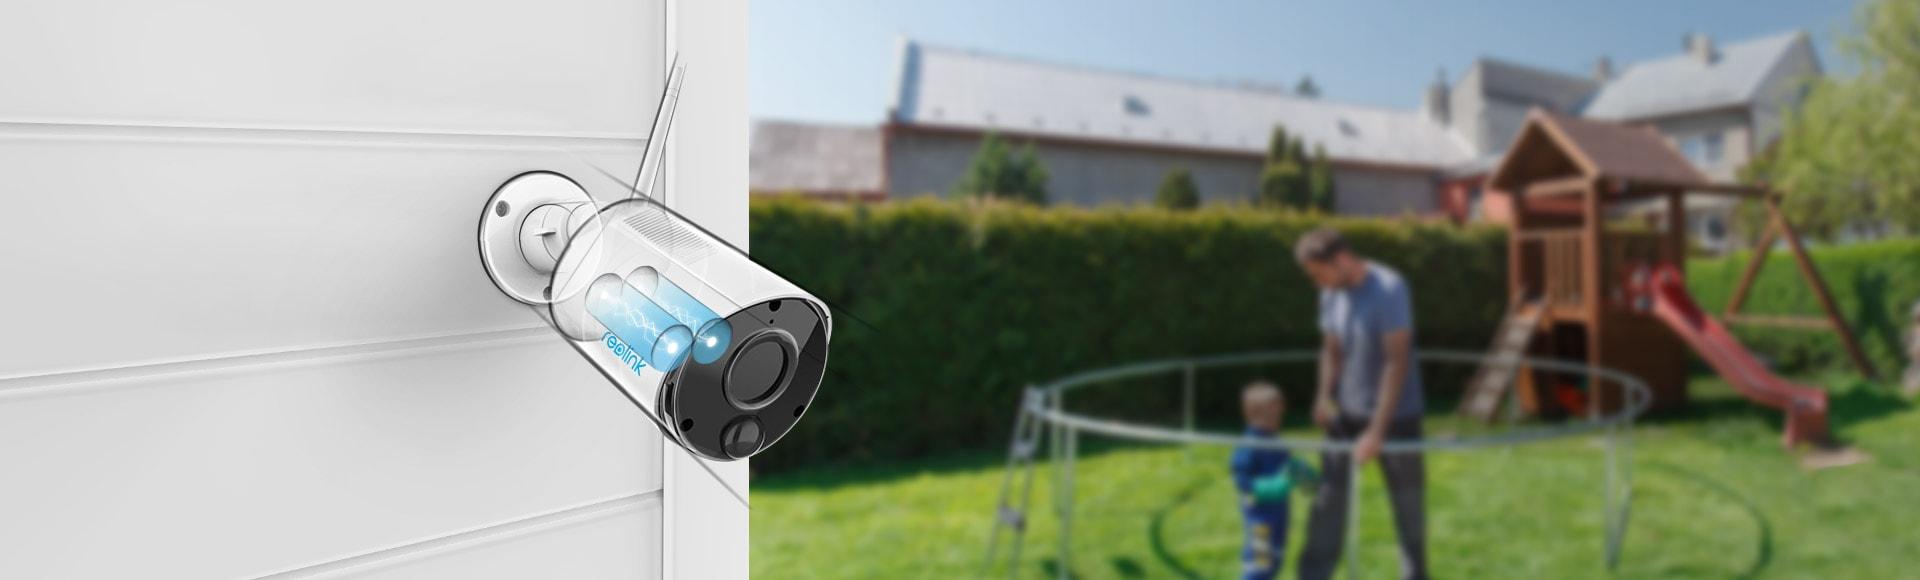 Kabellose Überwachungskamera mit Akku